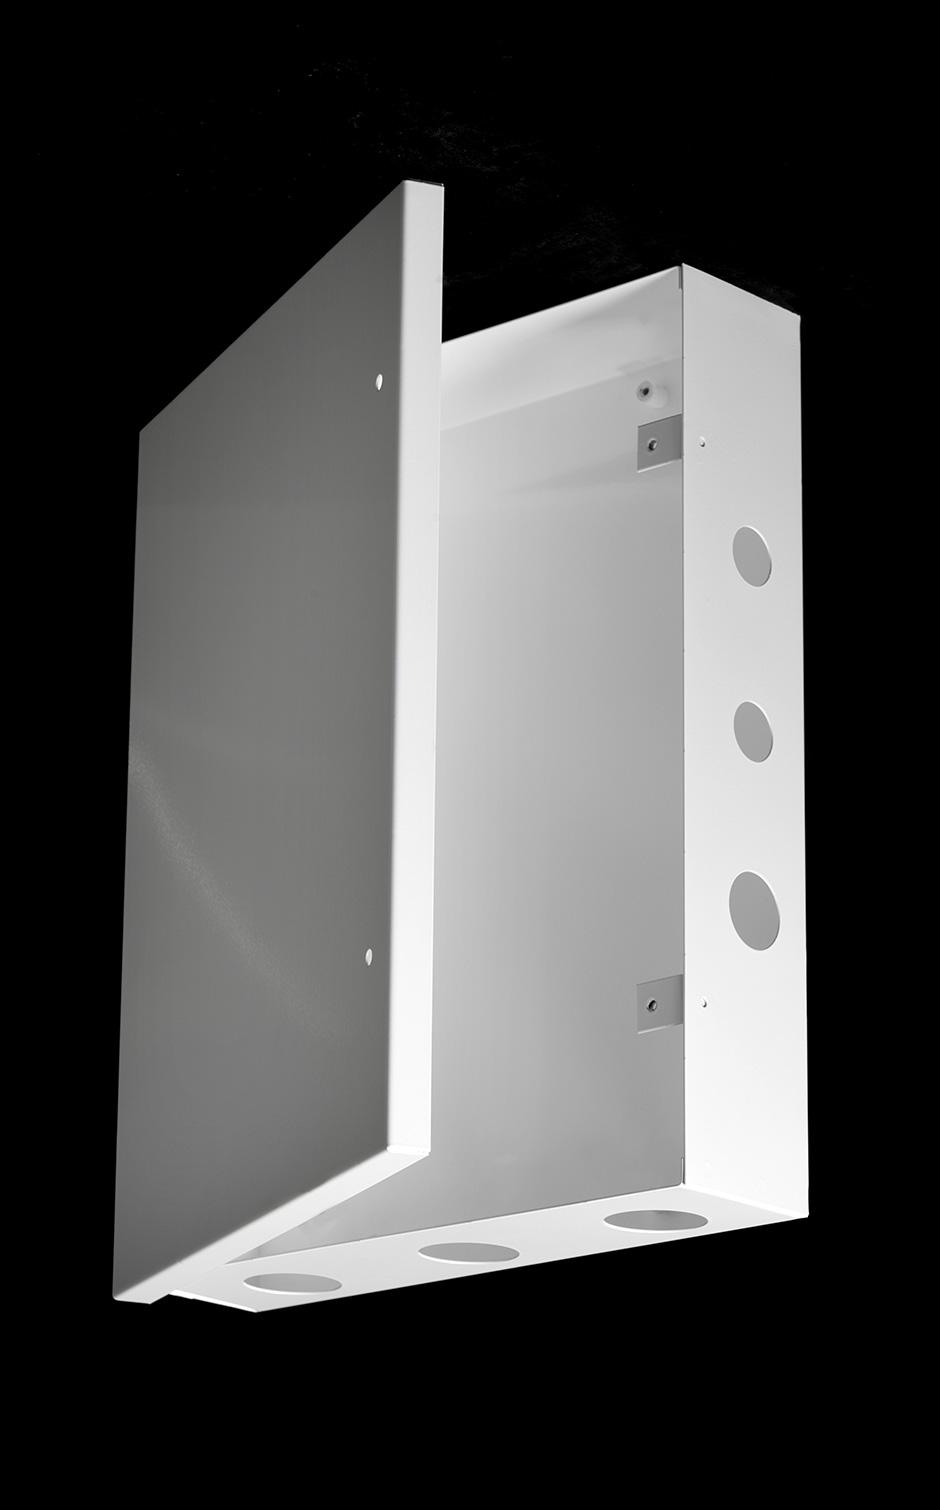 IDT Cabinet Manufacturer